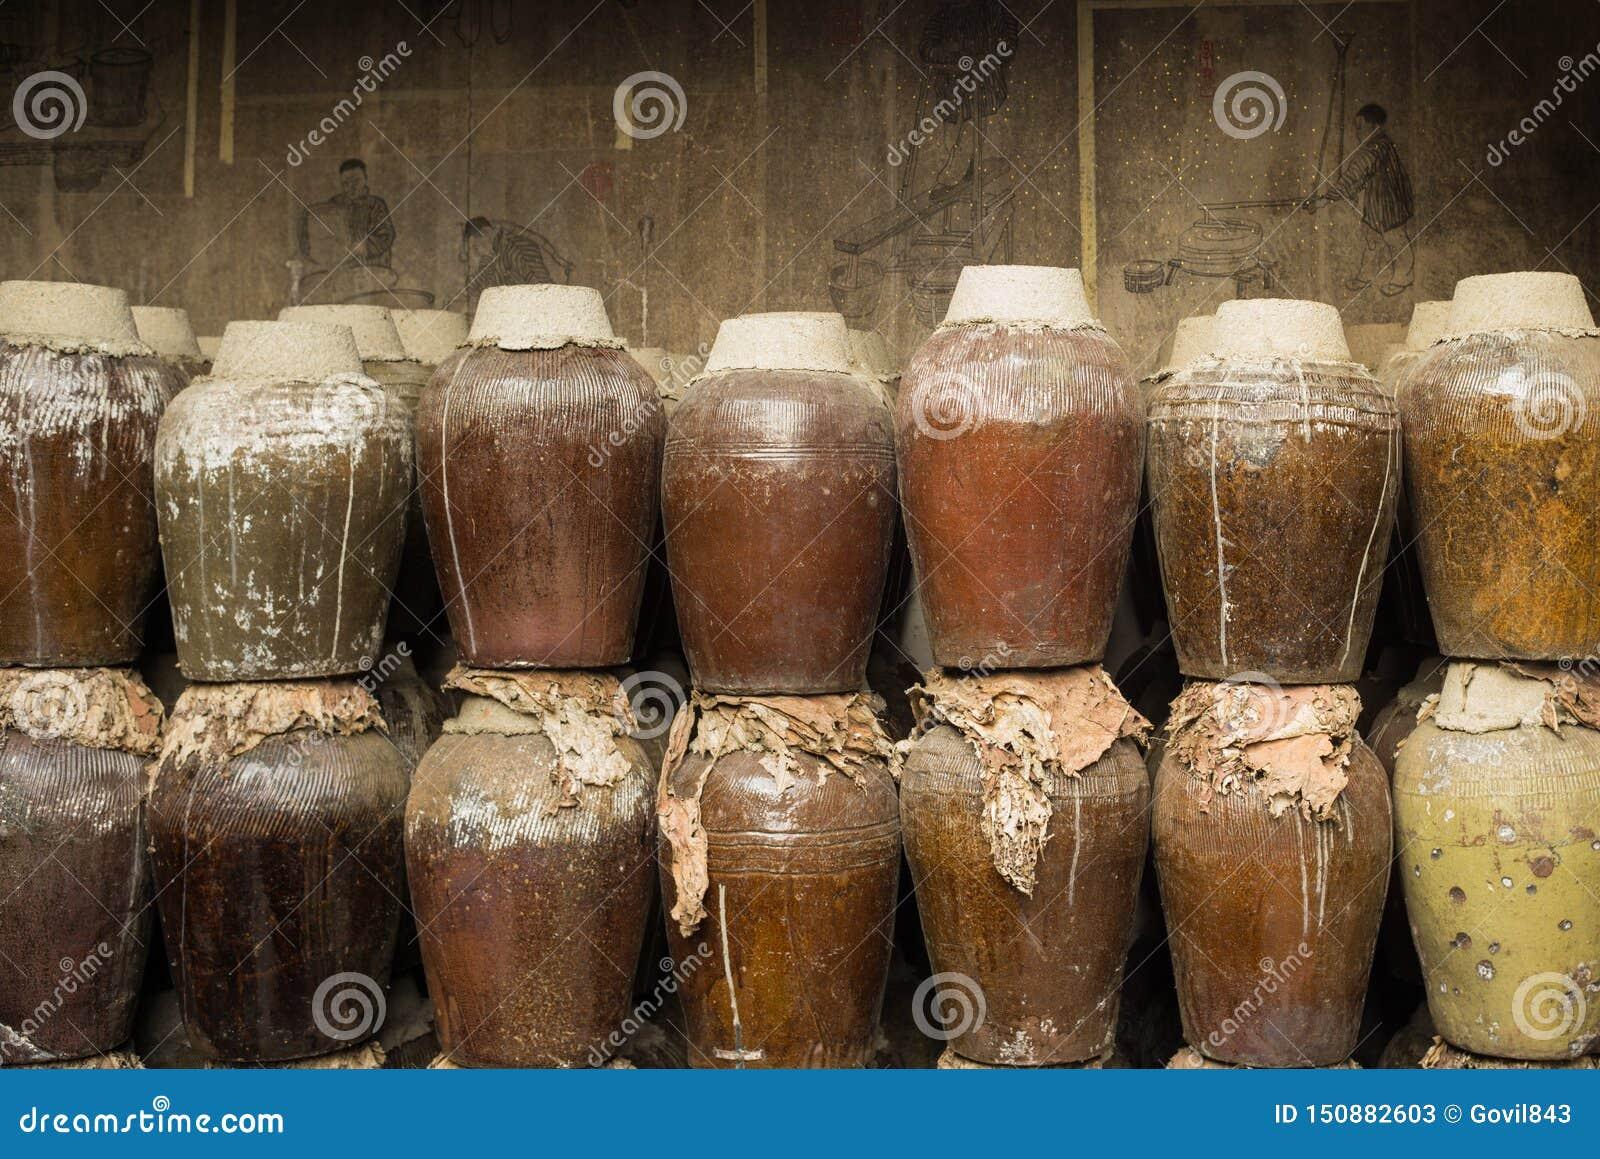 Een groep verzegeld ceramisch biervat, die in een bierfabriek wordt opgeslagen in Zhouzhuang-Waterstad, China